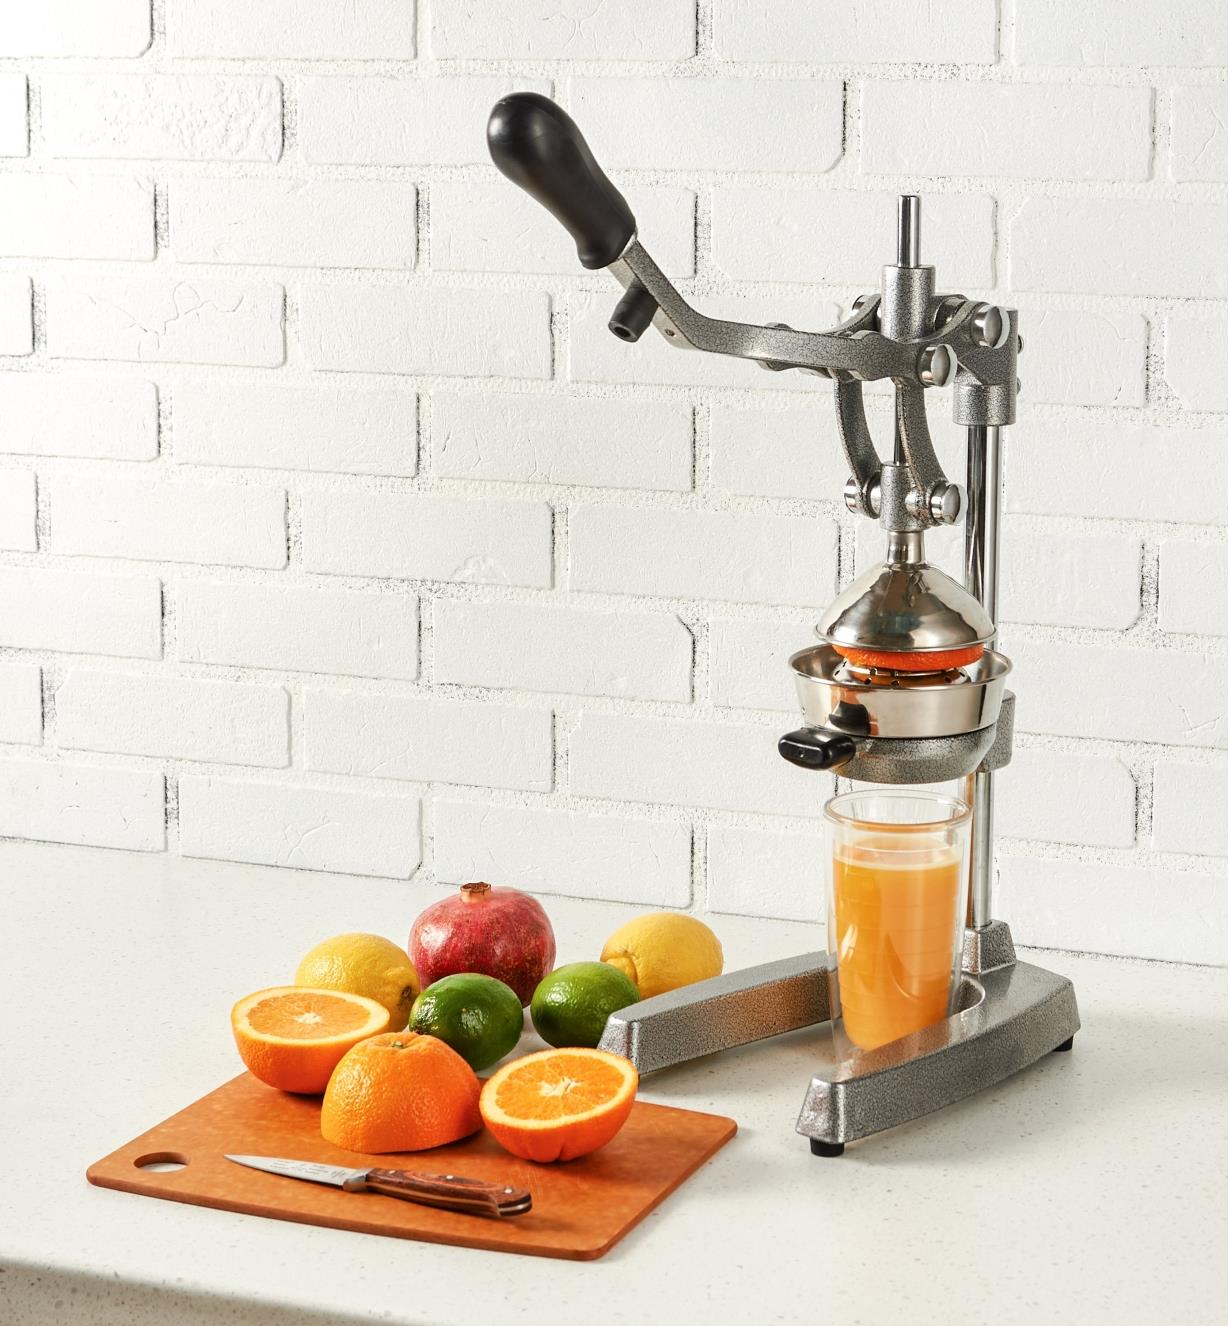 EV131 - Juice Press